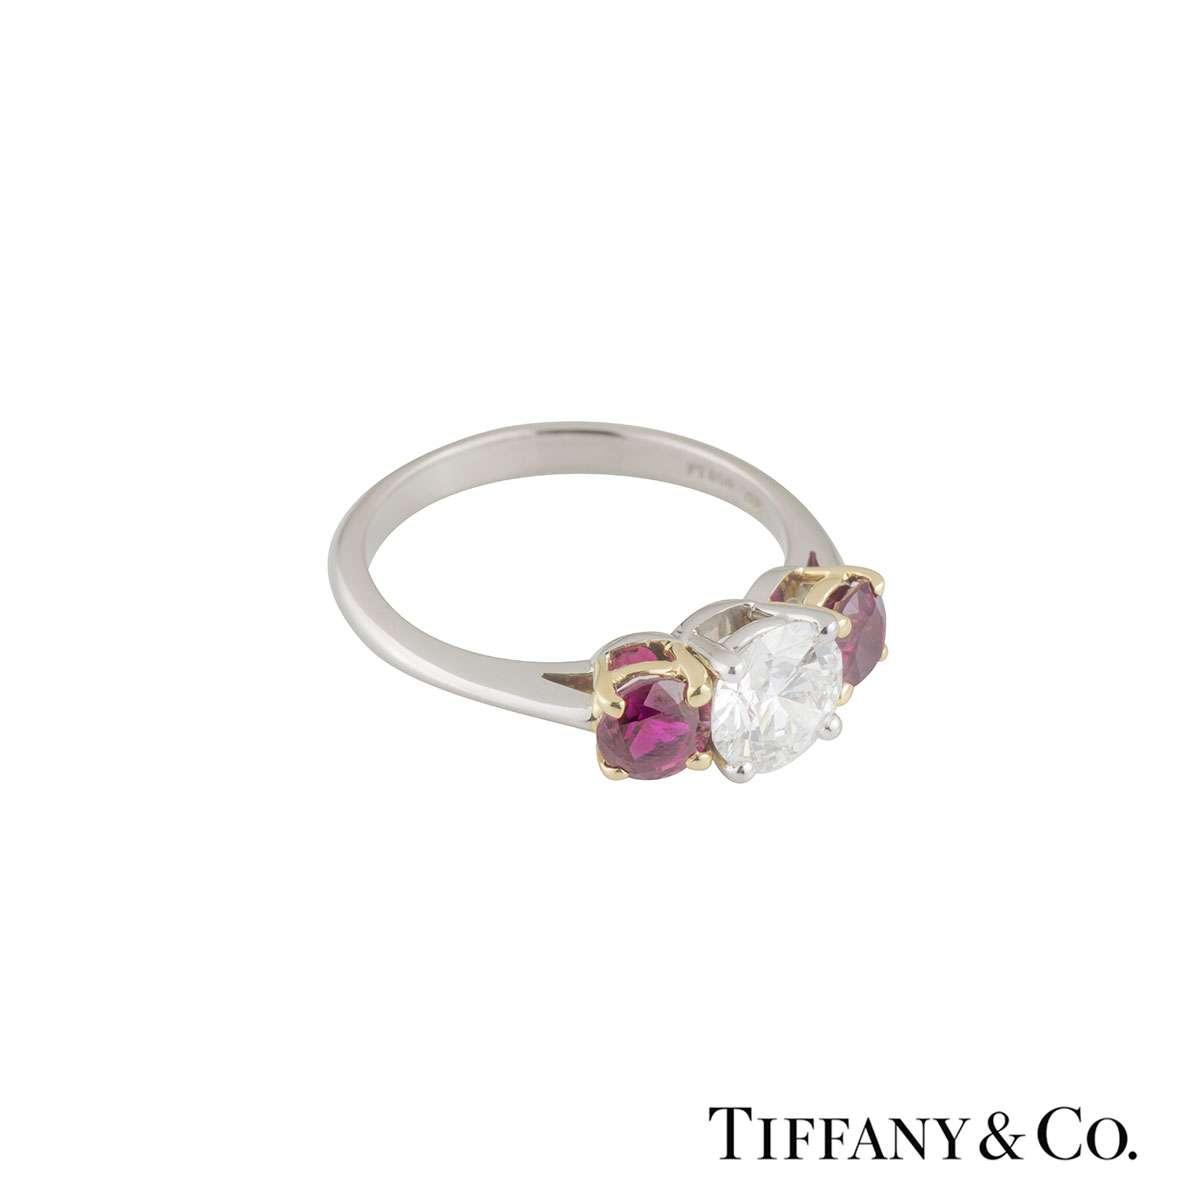 Tiffany Amp Co Three Stone Diamond Ring